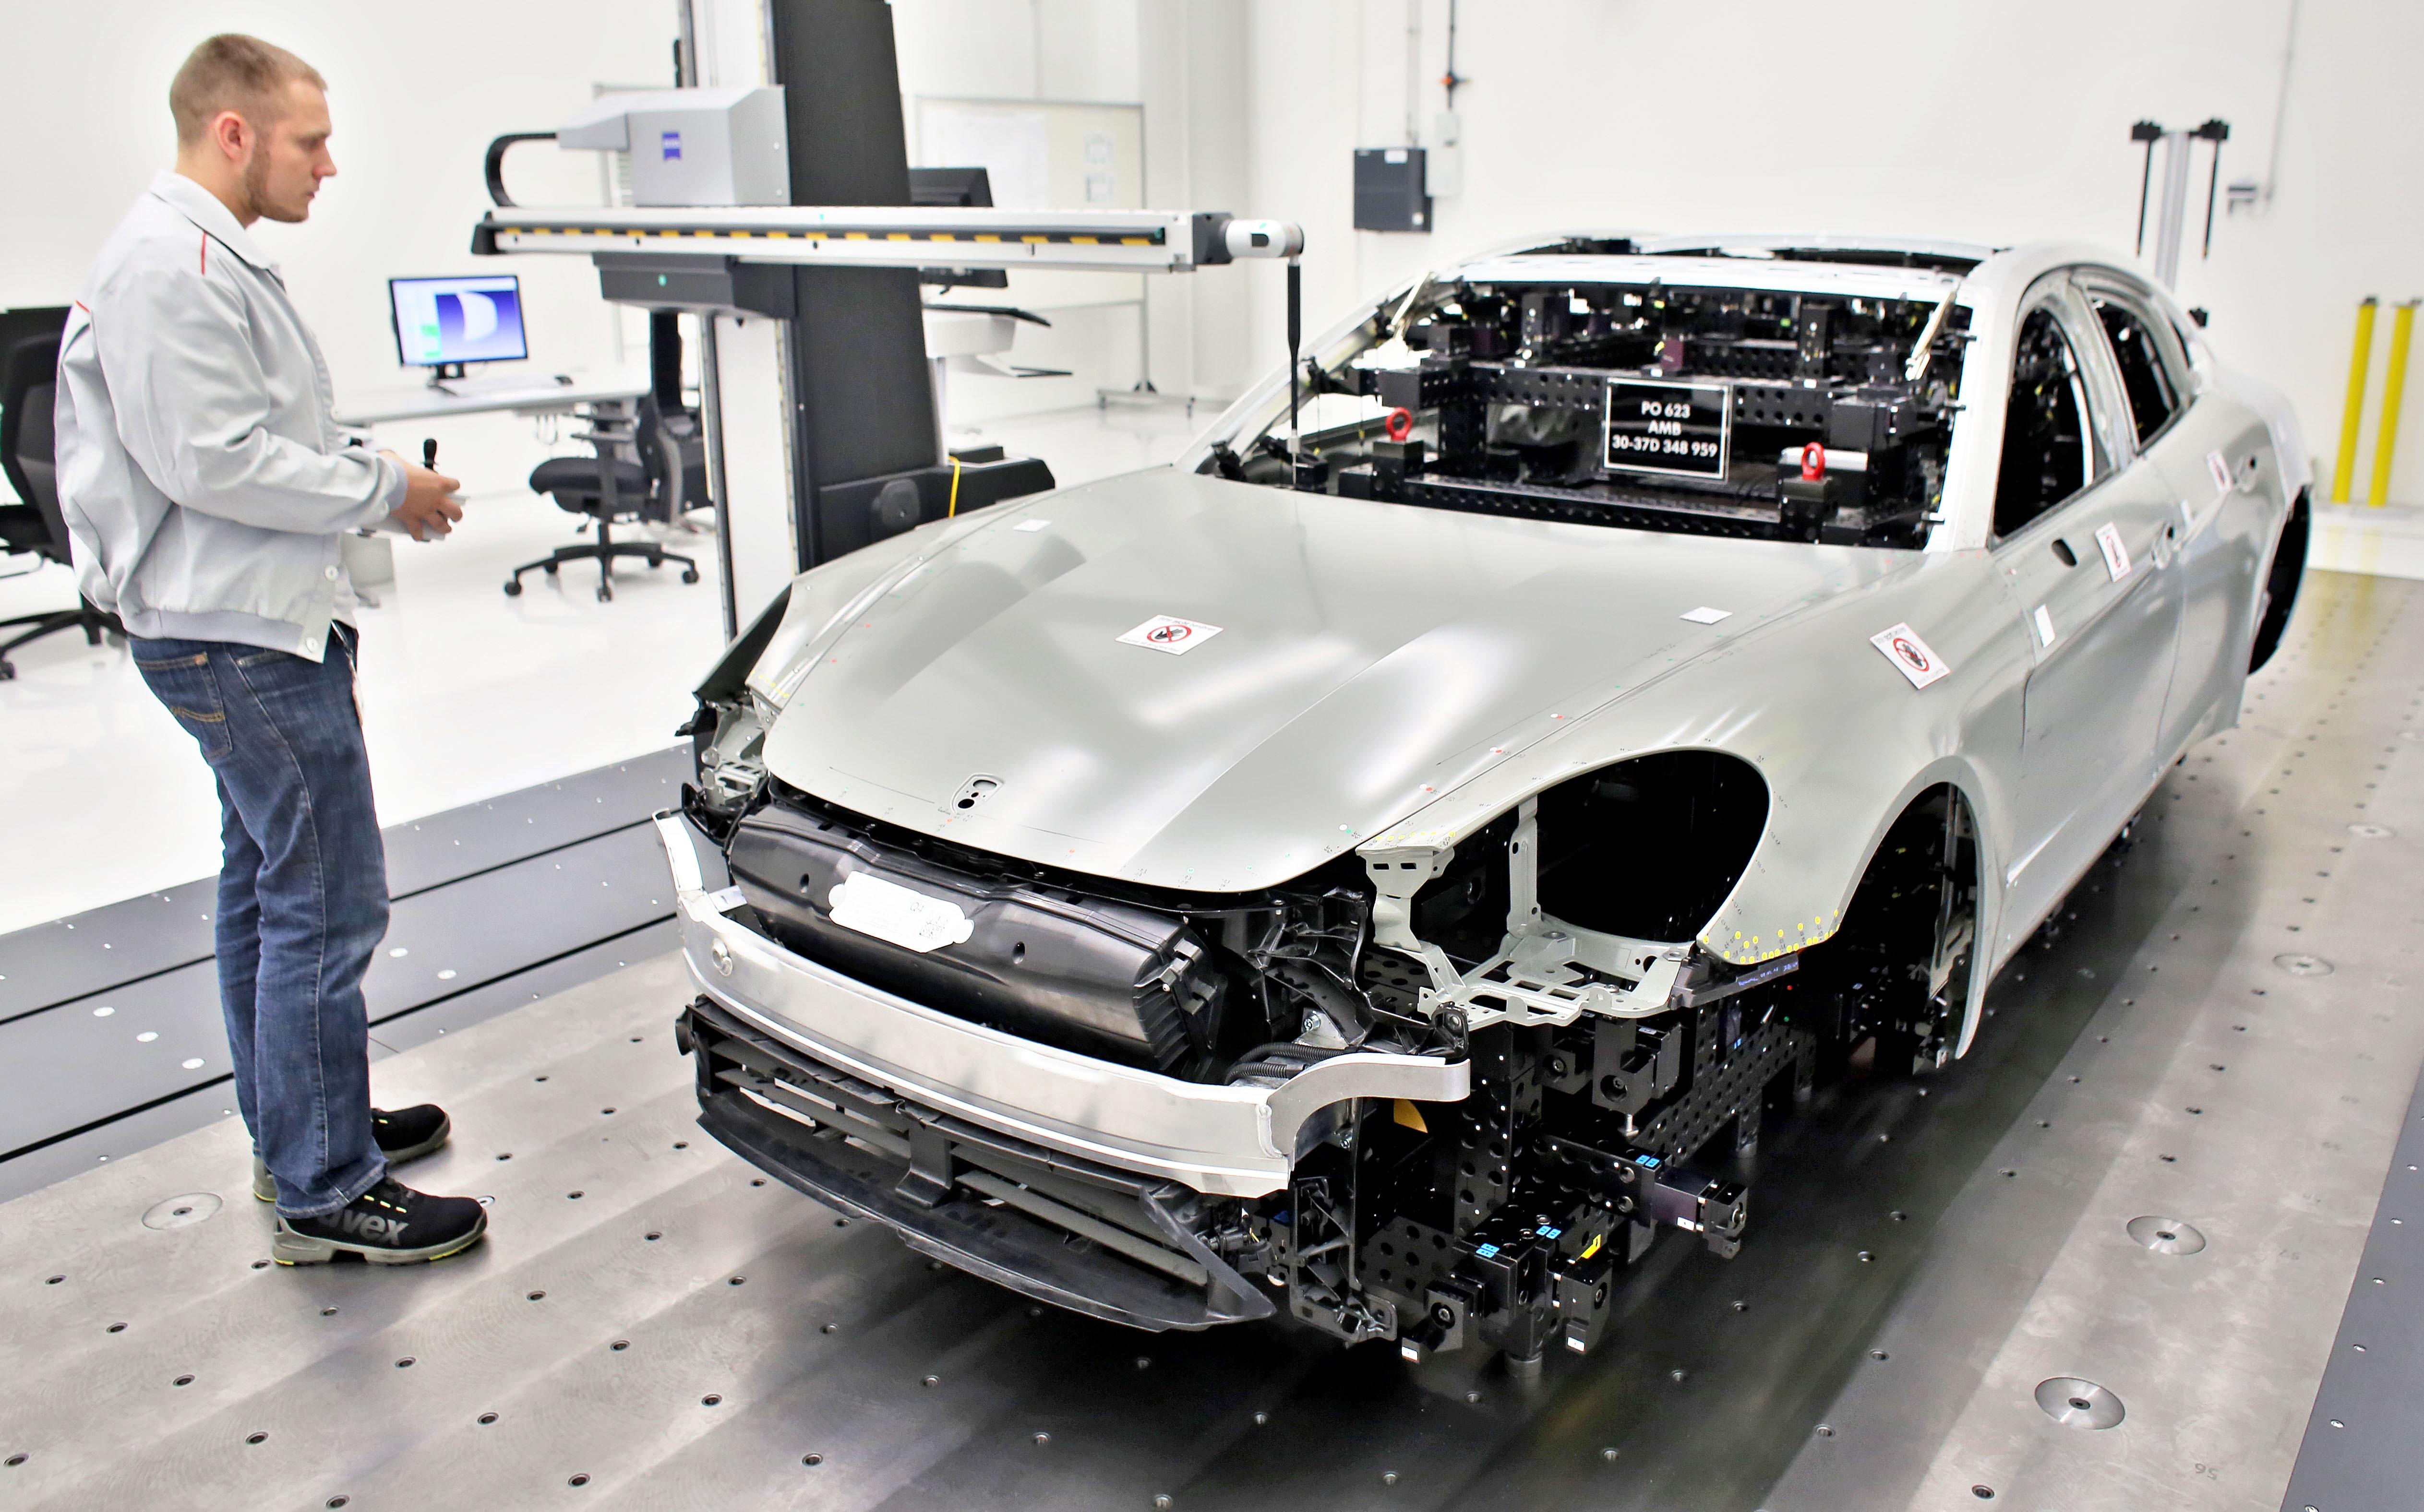 Évtizedek óta egyezkedtek titokban a legnagyobb autógyárak, hogy kiiktassák a versenyt